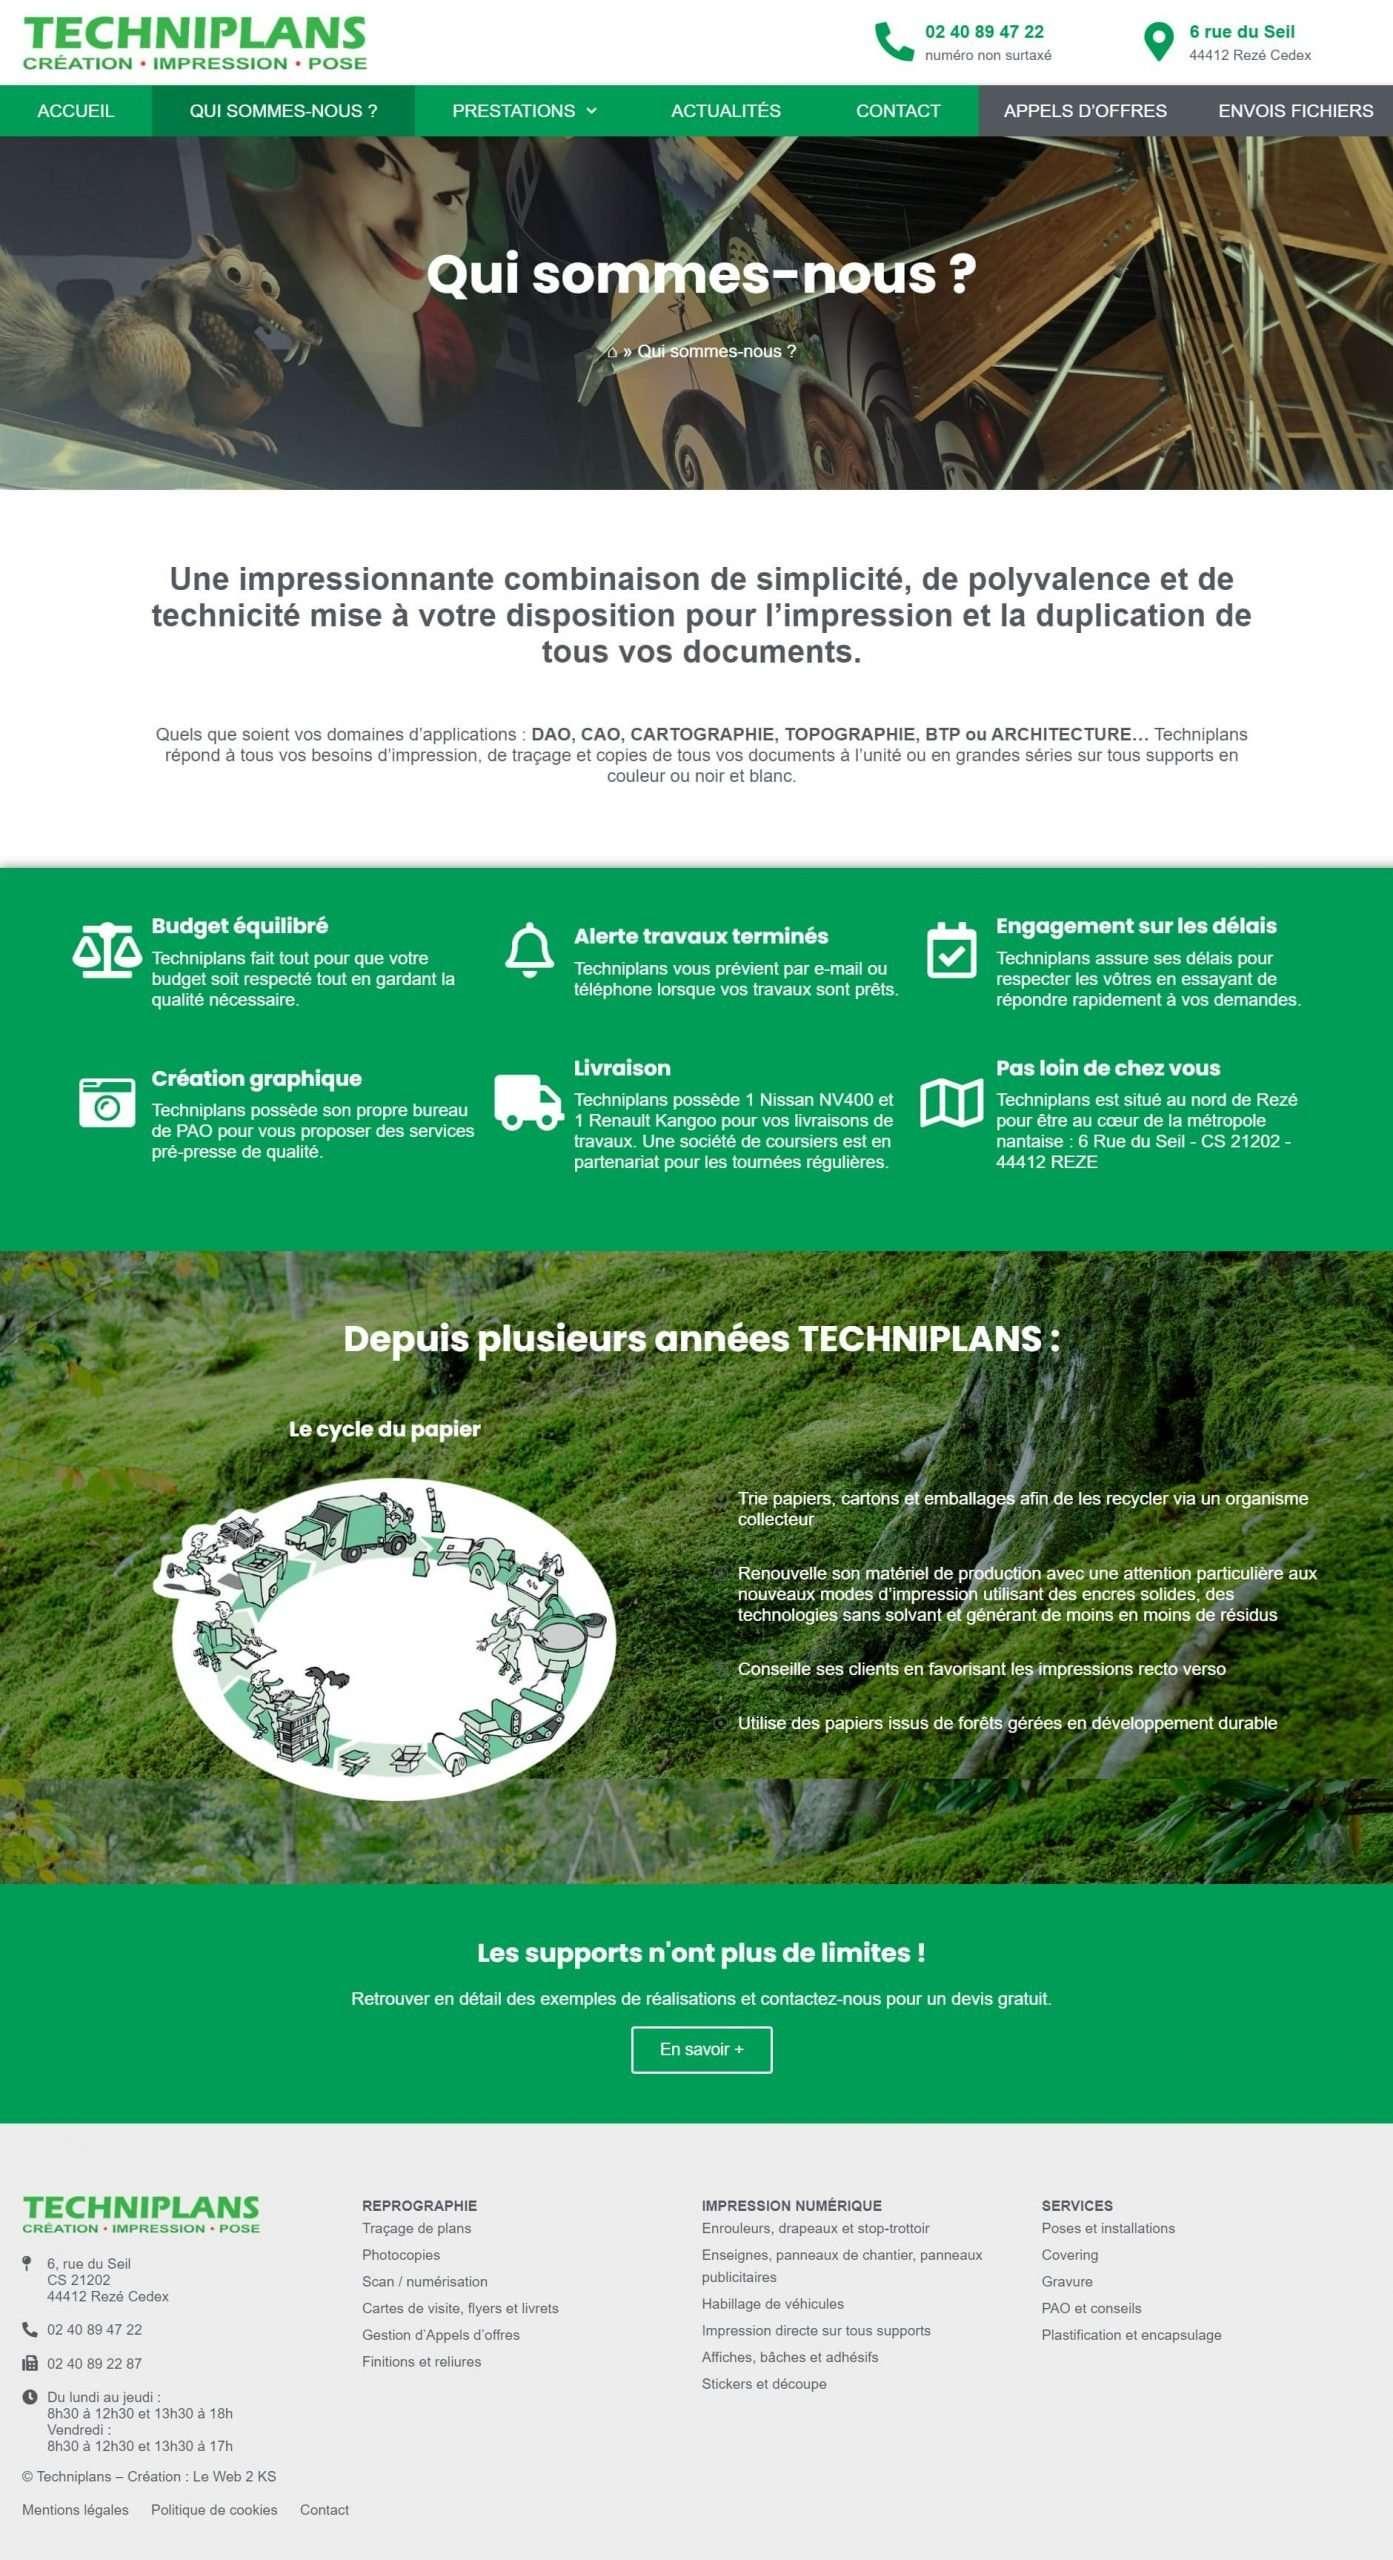 Page de présentation de l'entreprise Techniplans